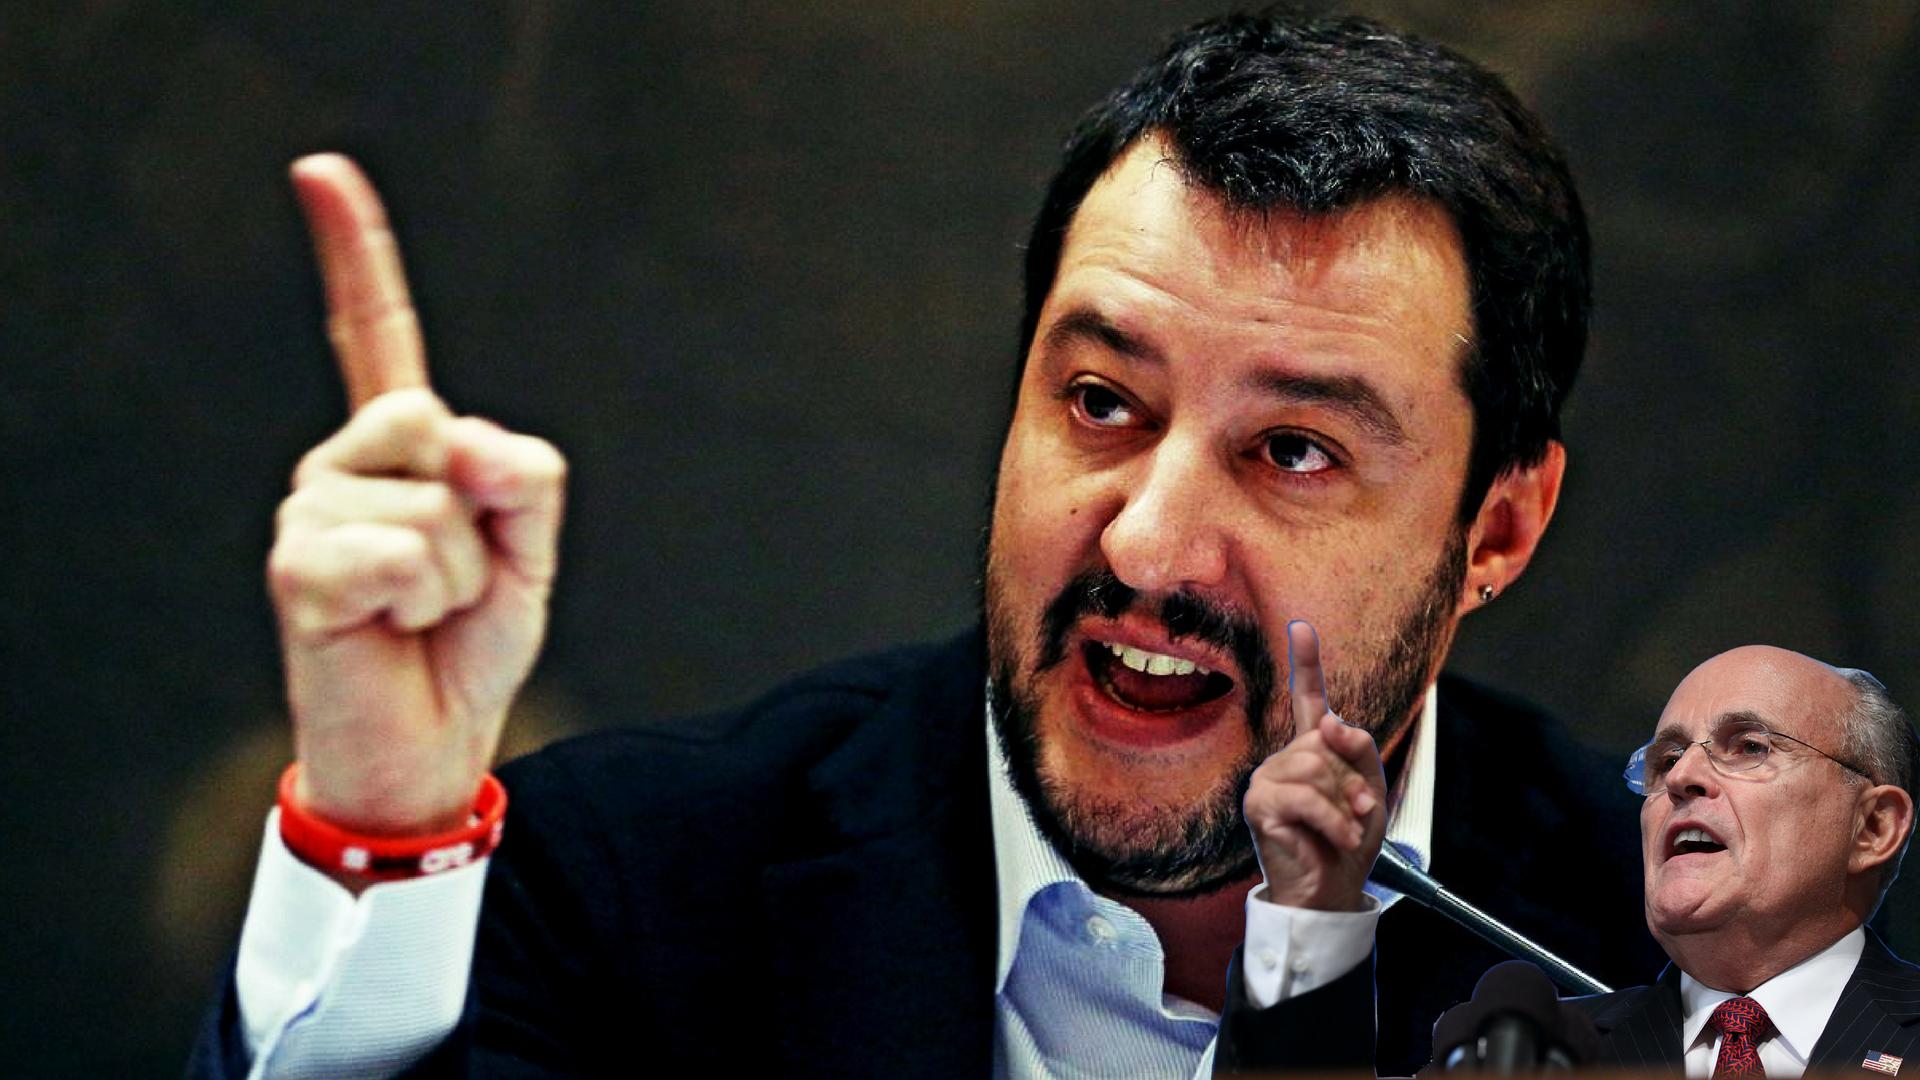 Populista? No, quella di Salvini è la destra di Rudolph Giuliani